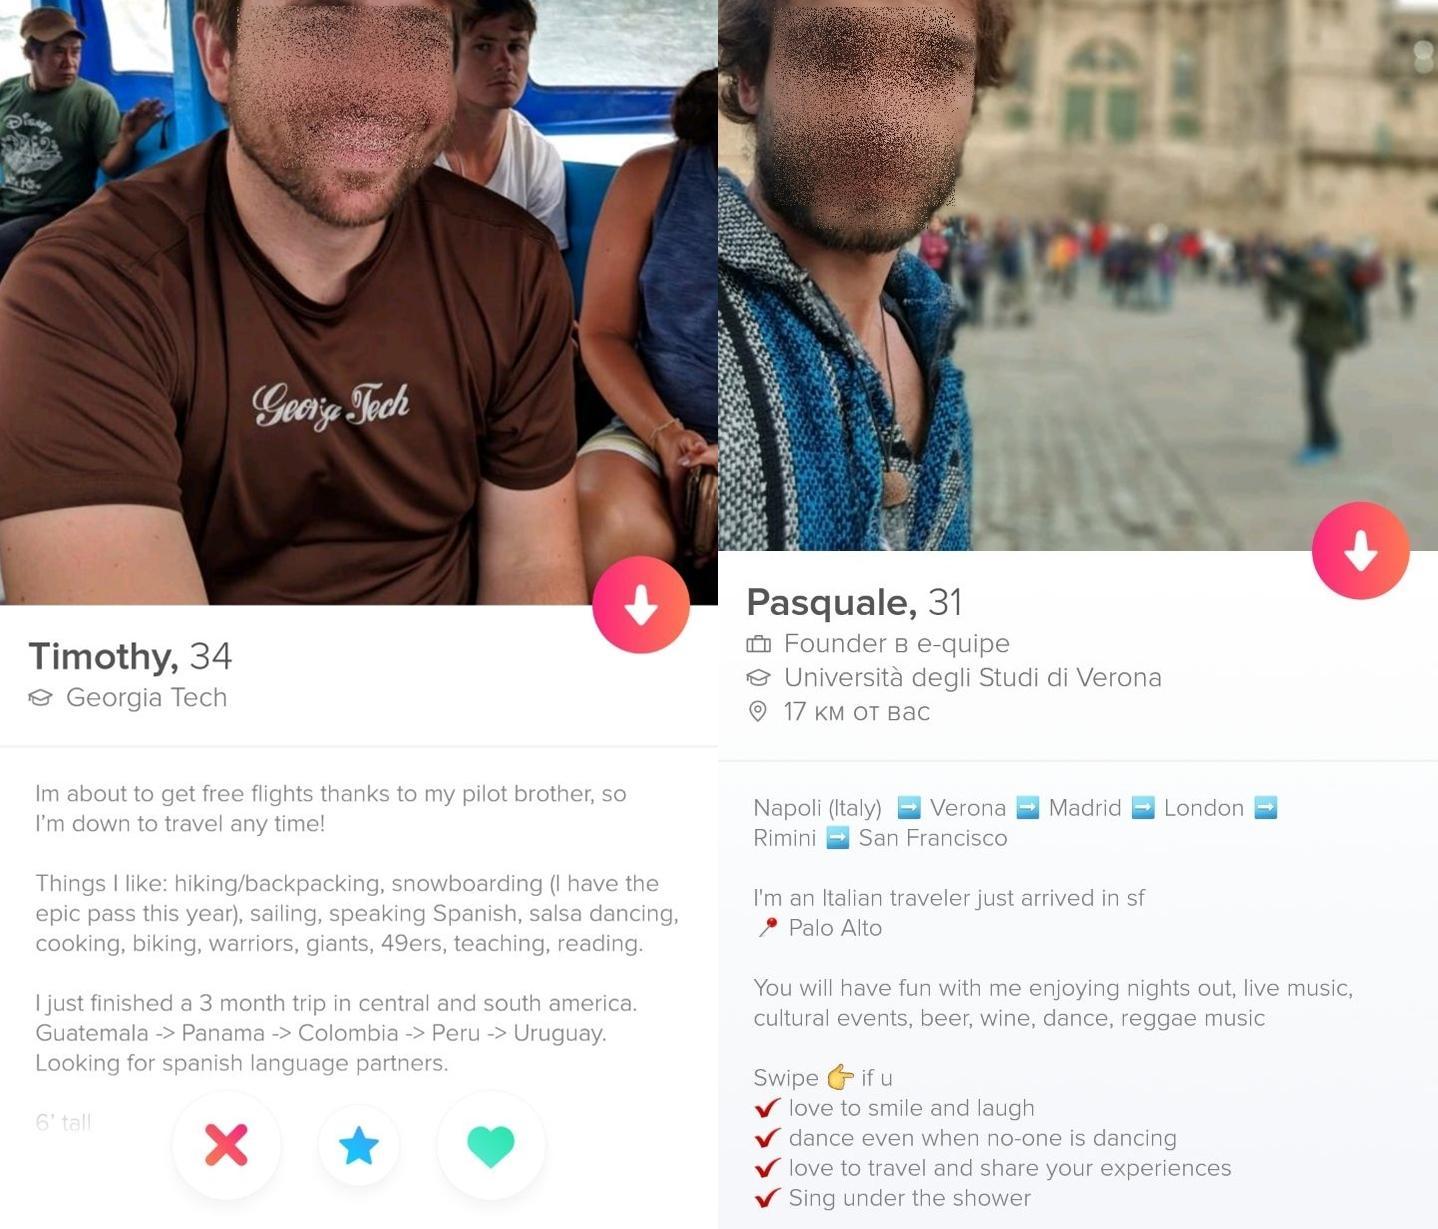 фото «Крокодилам не писать»: жительница Новосибирска рассказала об опыте онлайн-свиданий в популярном приложении для секс-знакомств Tinder 14